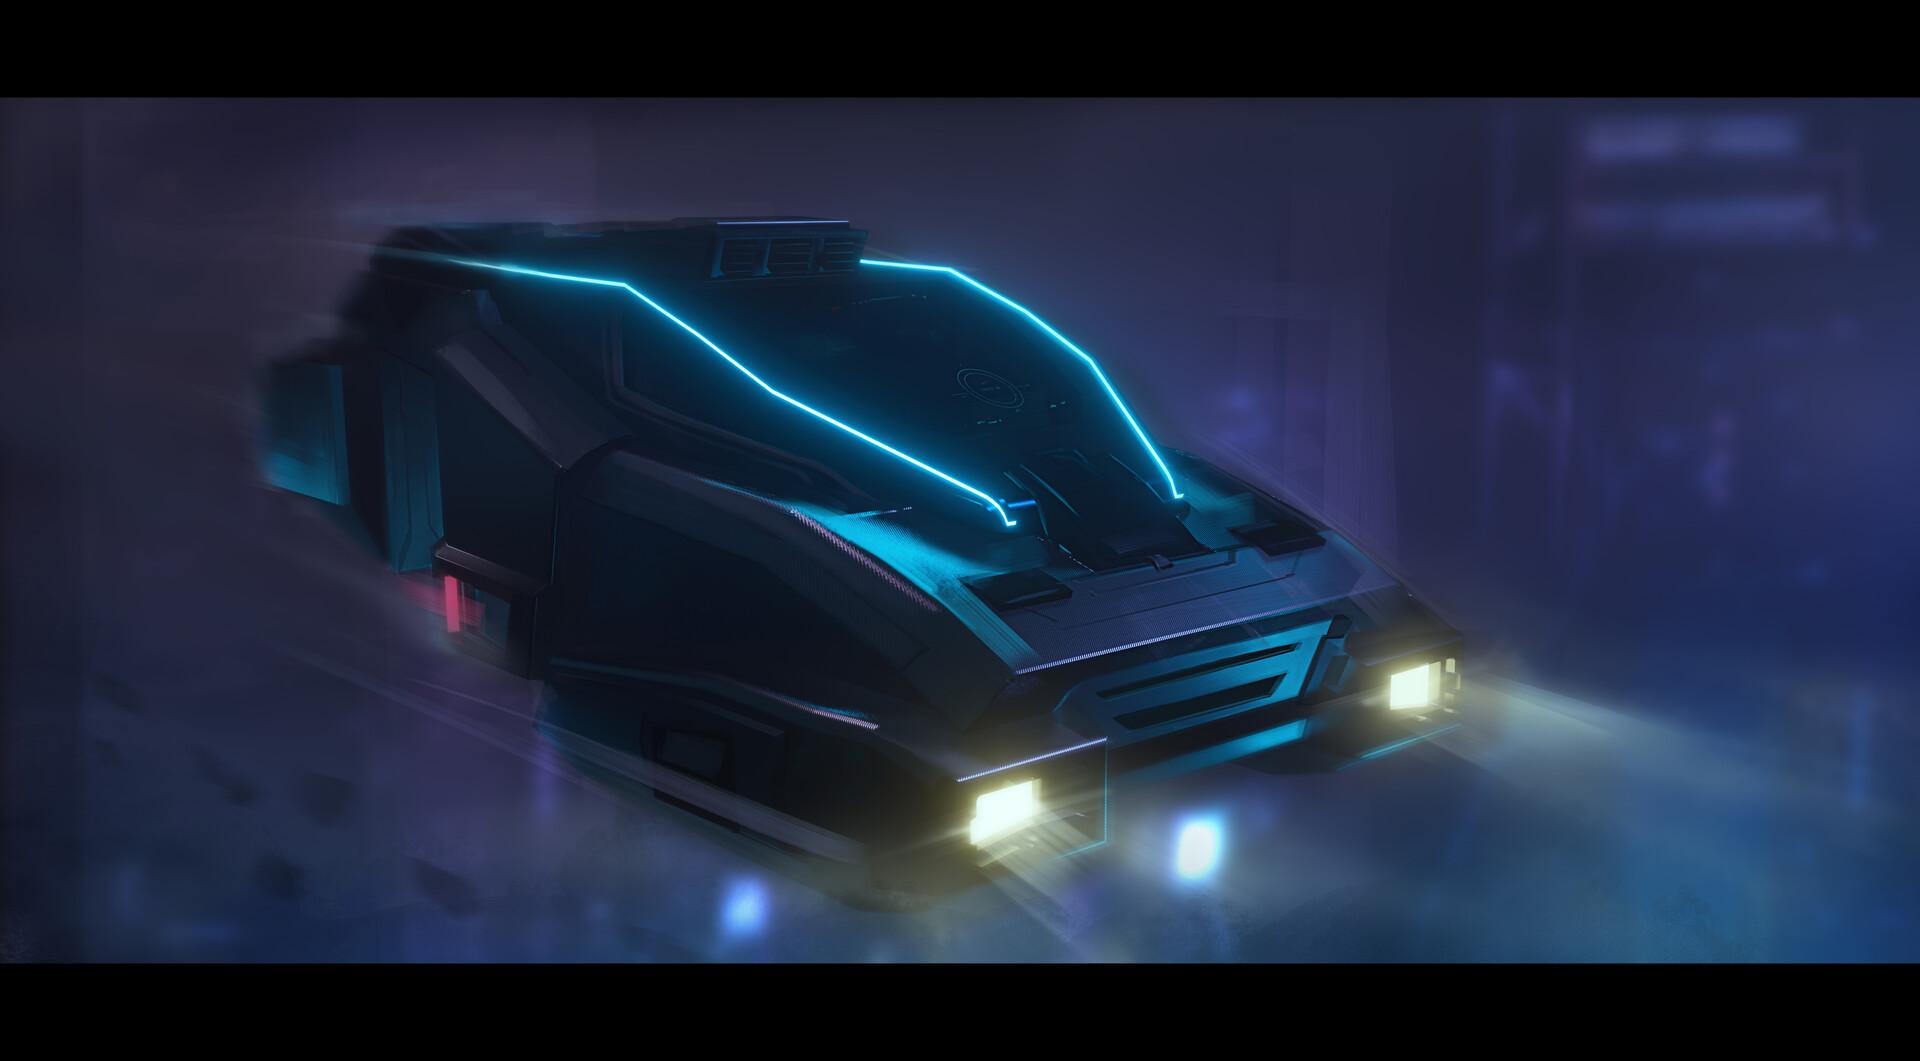 benjamin-gallego-cyberpunk-car.jpg